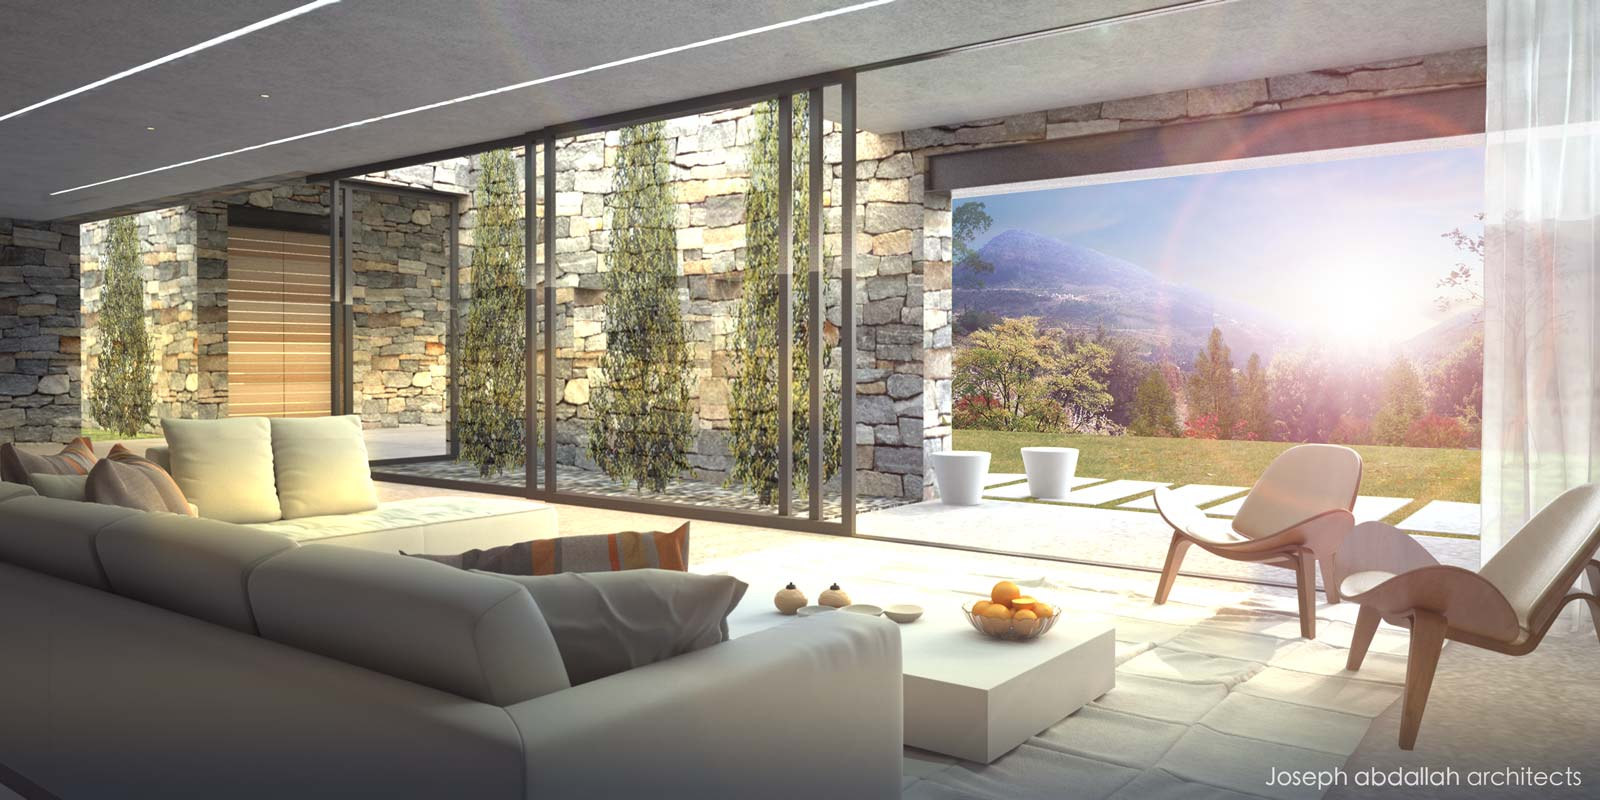 ejbeh-domaine-architecture-villa-lebanon-joseph-abdallah-architects-5